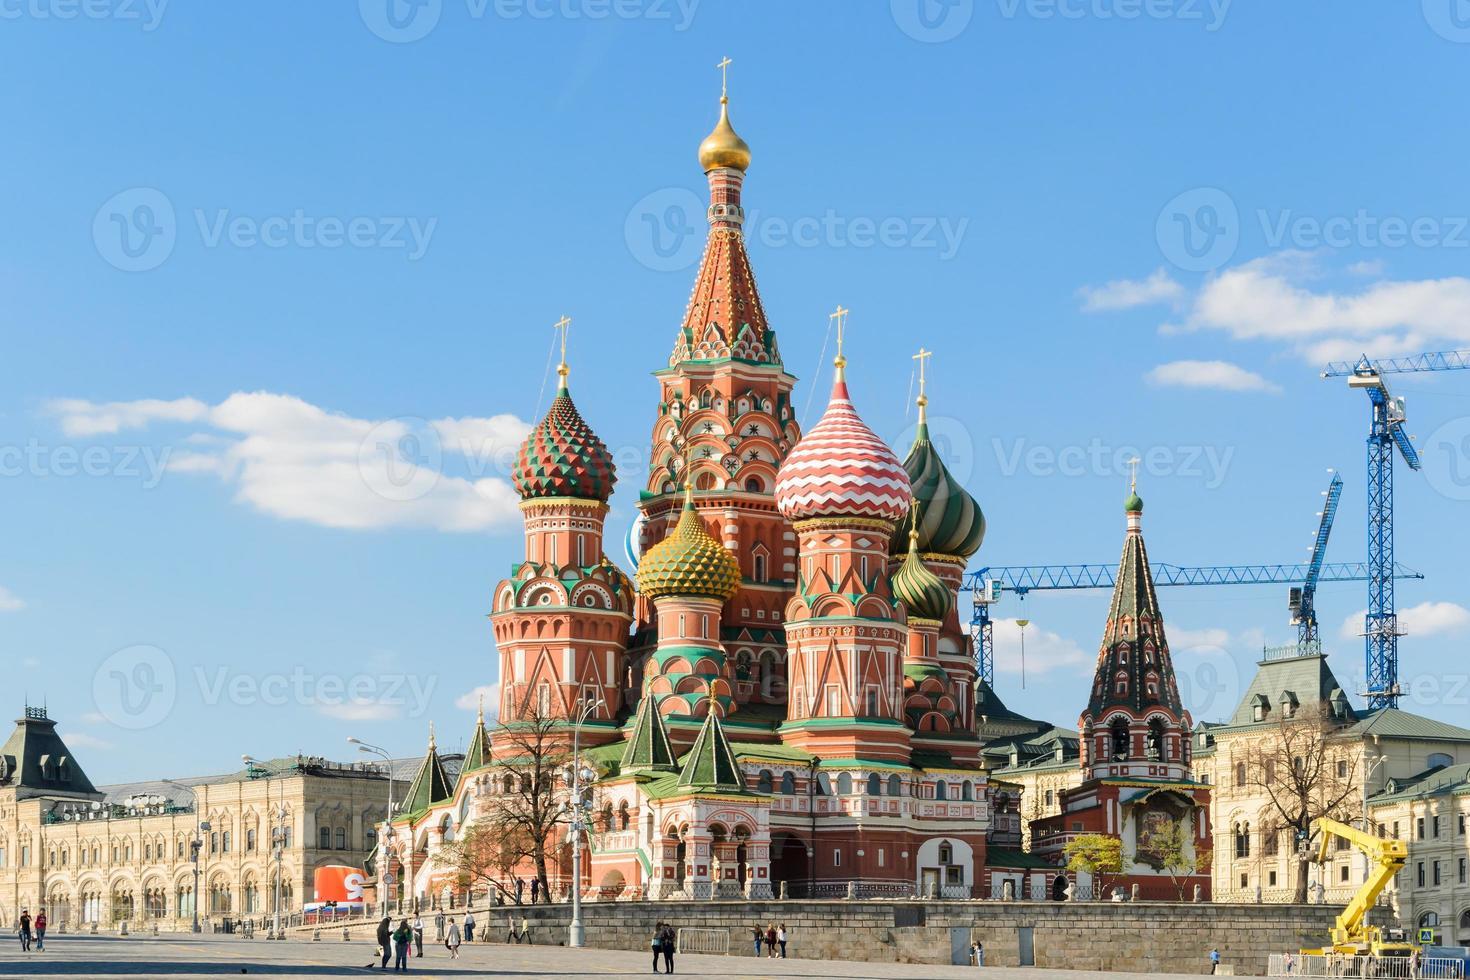 st. cathédrale basils sur la place rouge à moscou photo